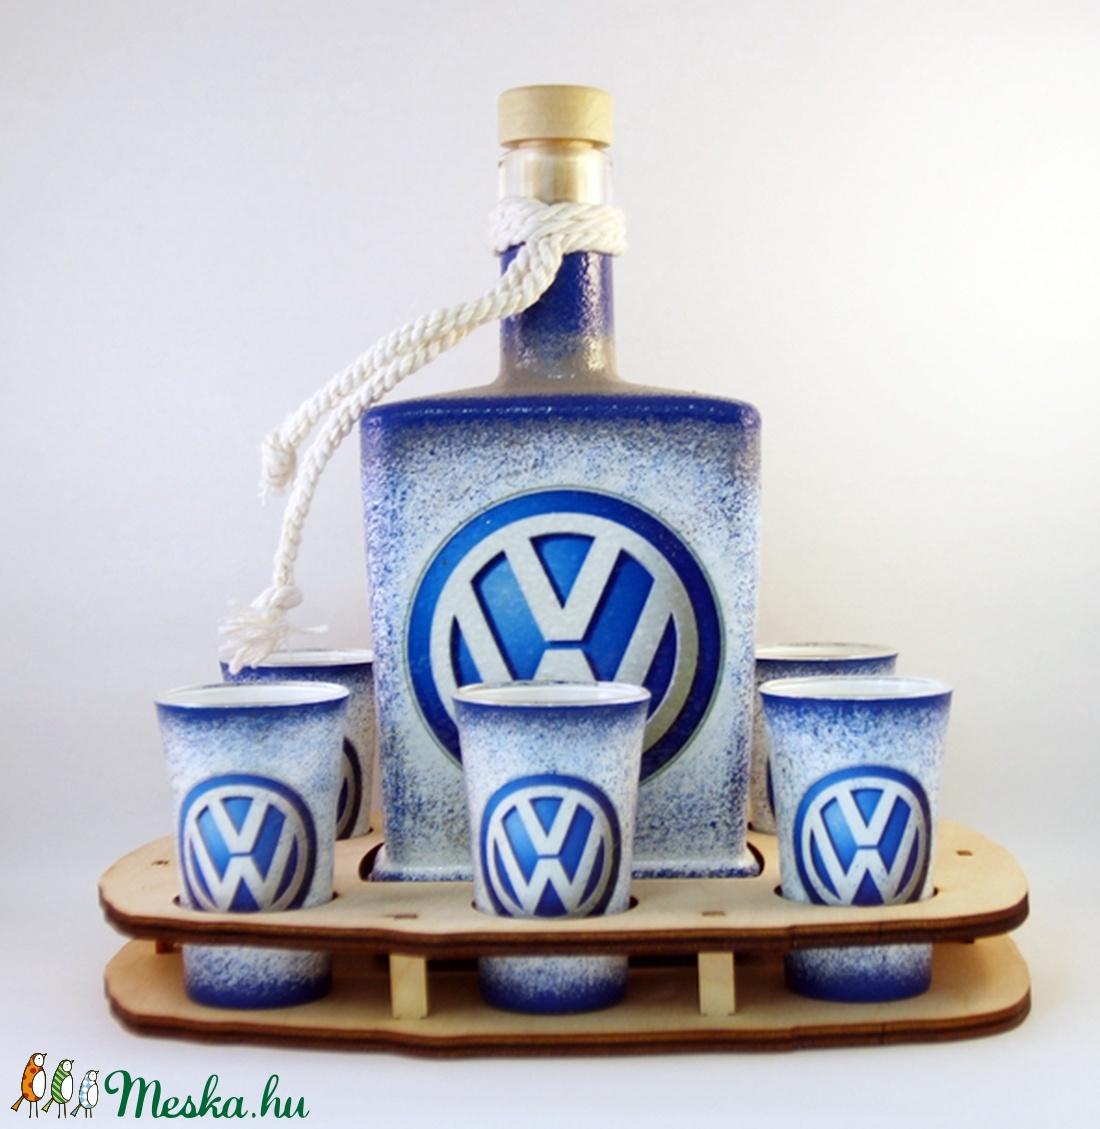 VOLKSWAGEN whiskys szett ; Saját Volkswagen autód fényképével is! (decorfantasy) - Meska.hu